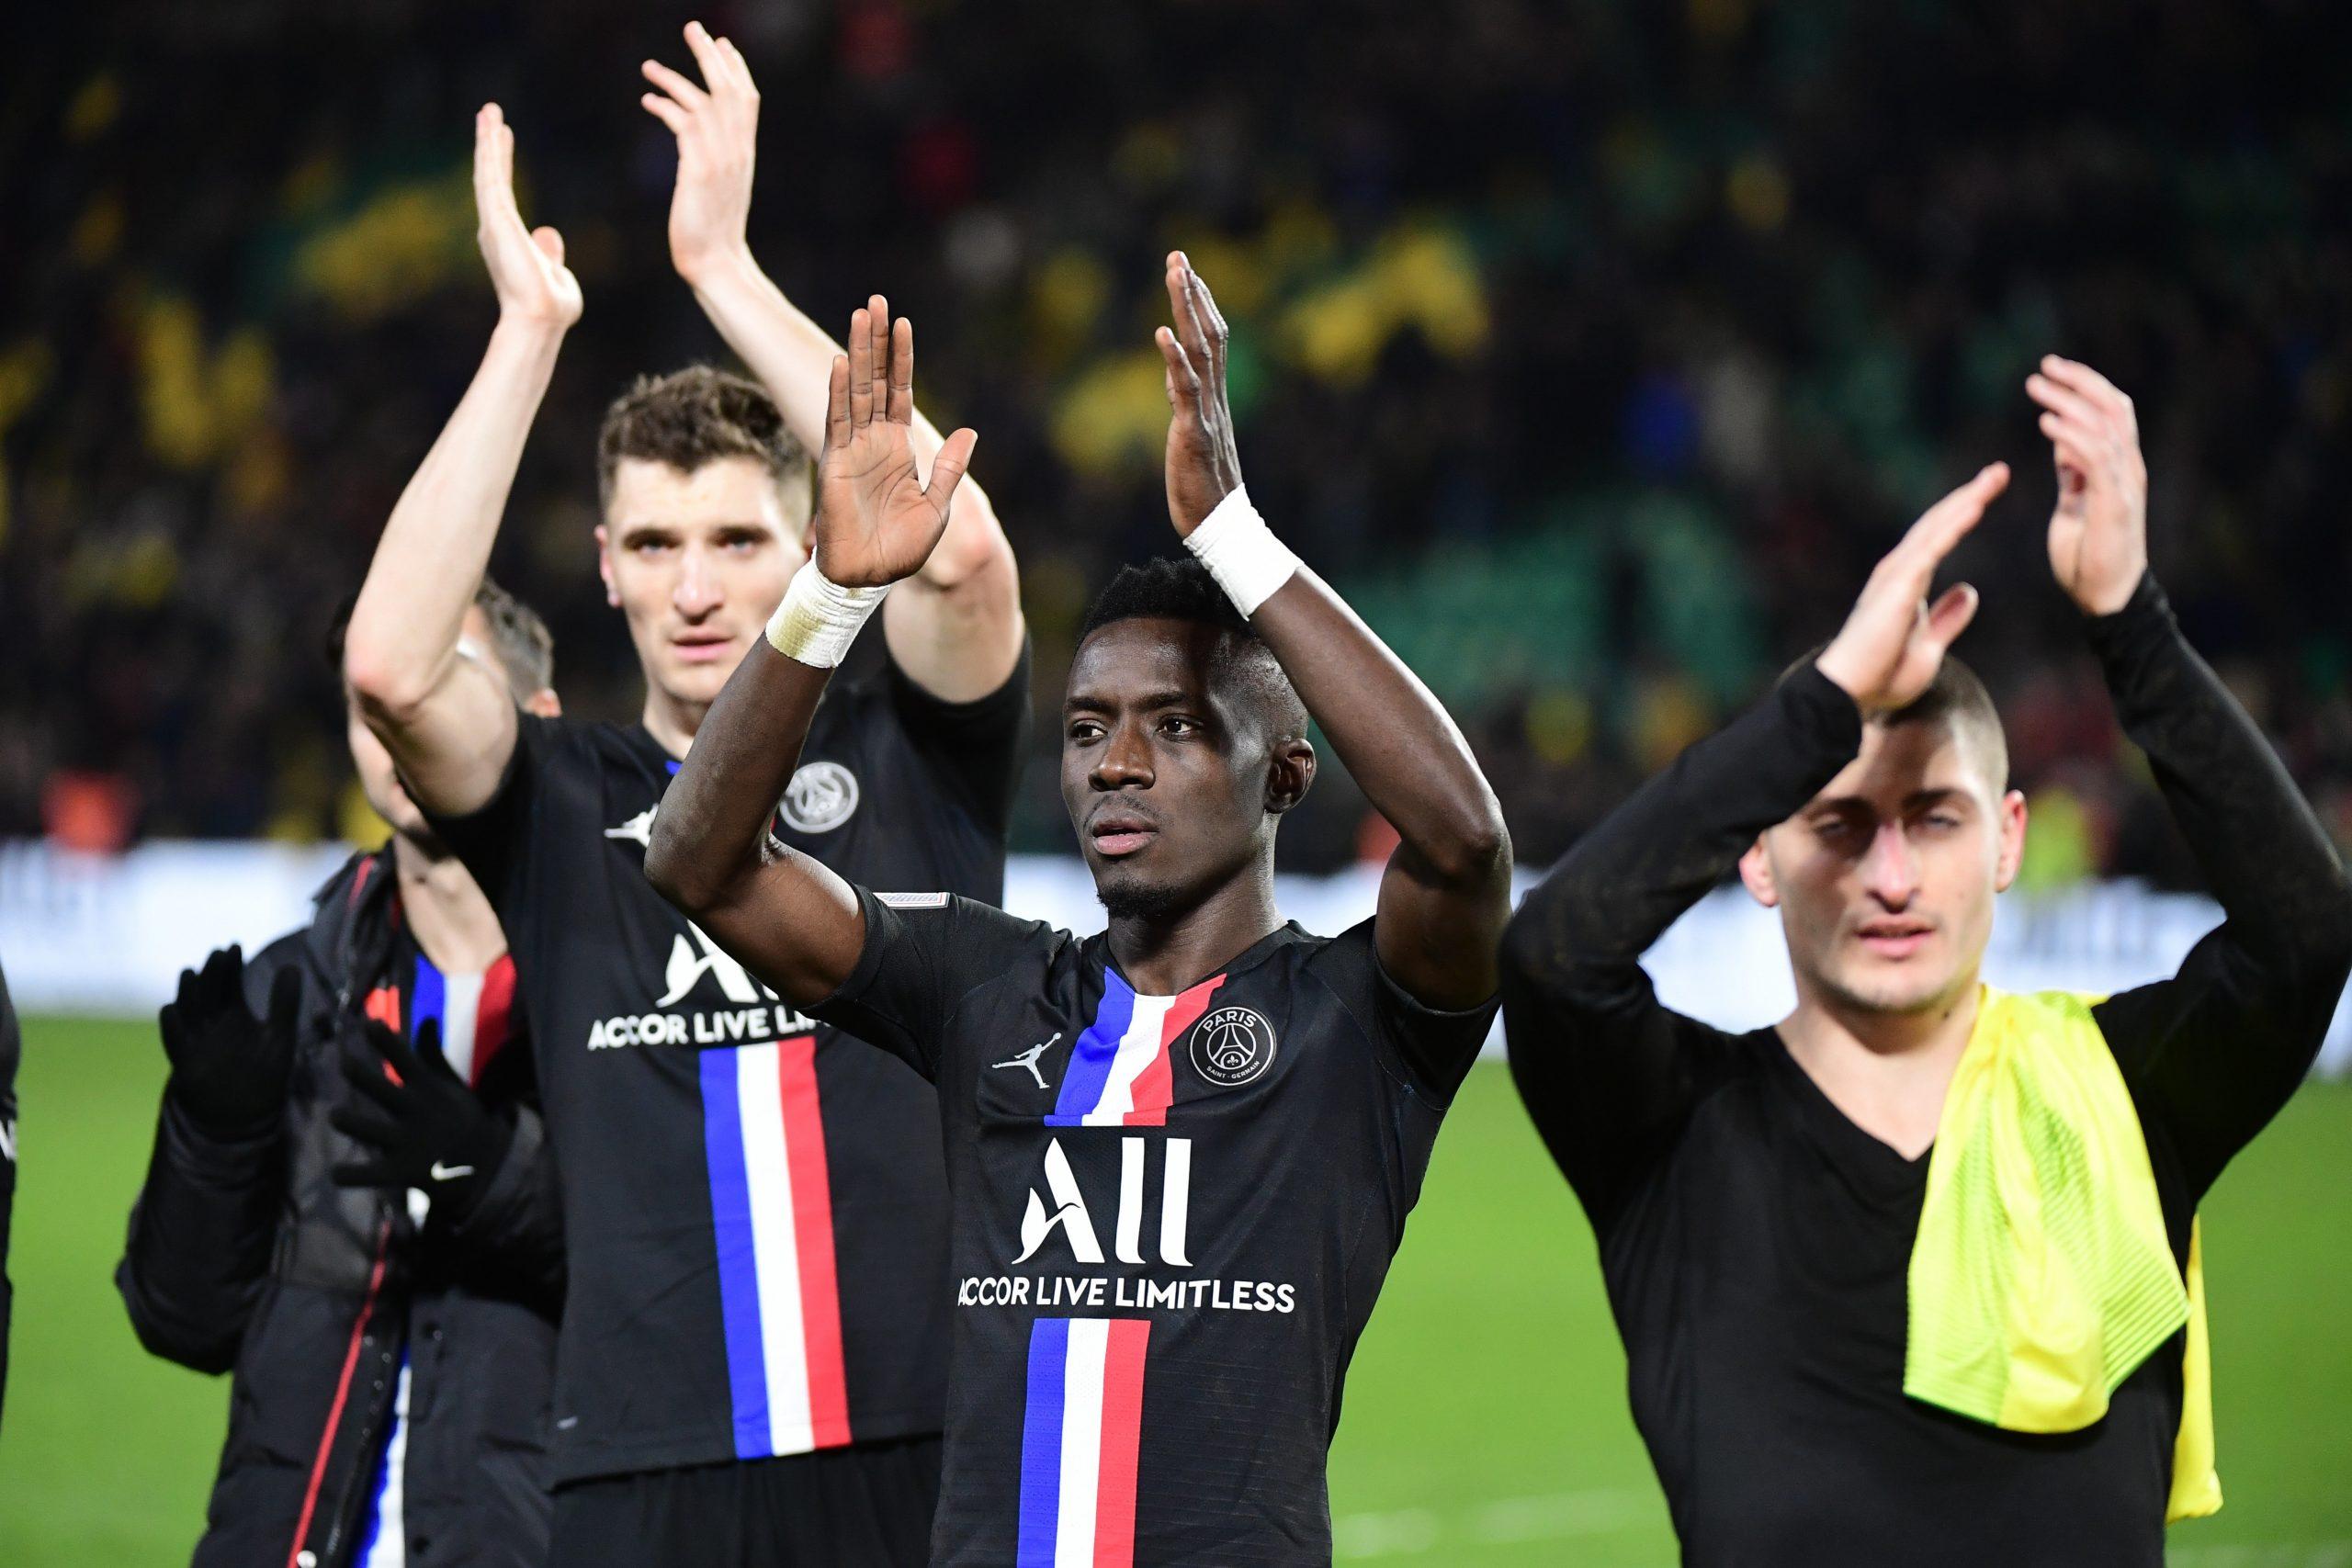 Goal fait le top 10 des tacleurs au PSG sur la saison 2019-2020